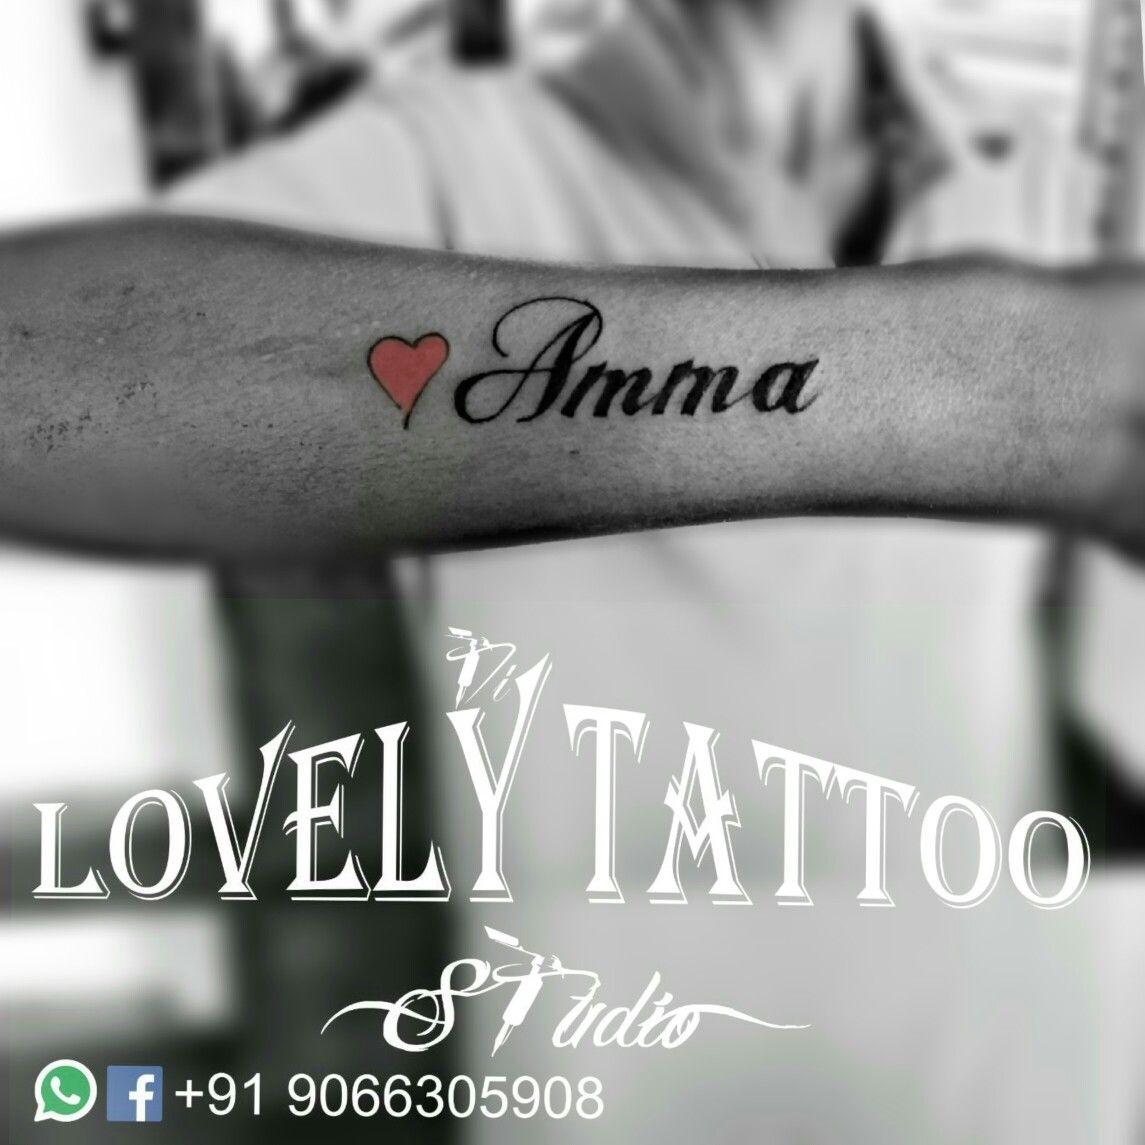 Amma tattoo Dad tattoos, Tattoos